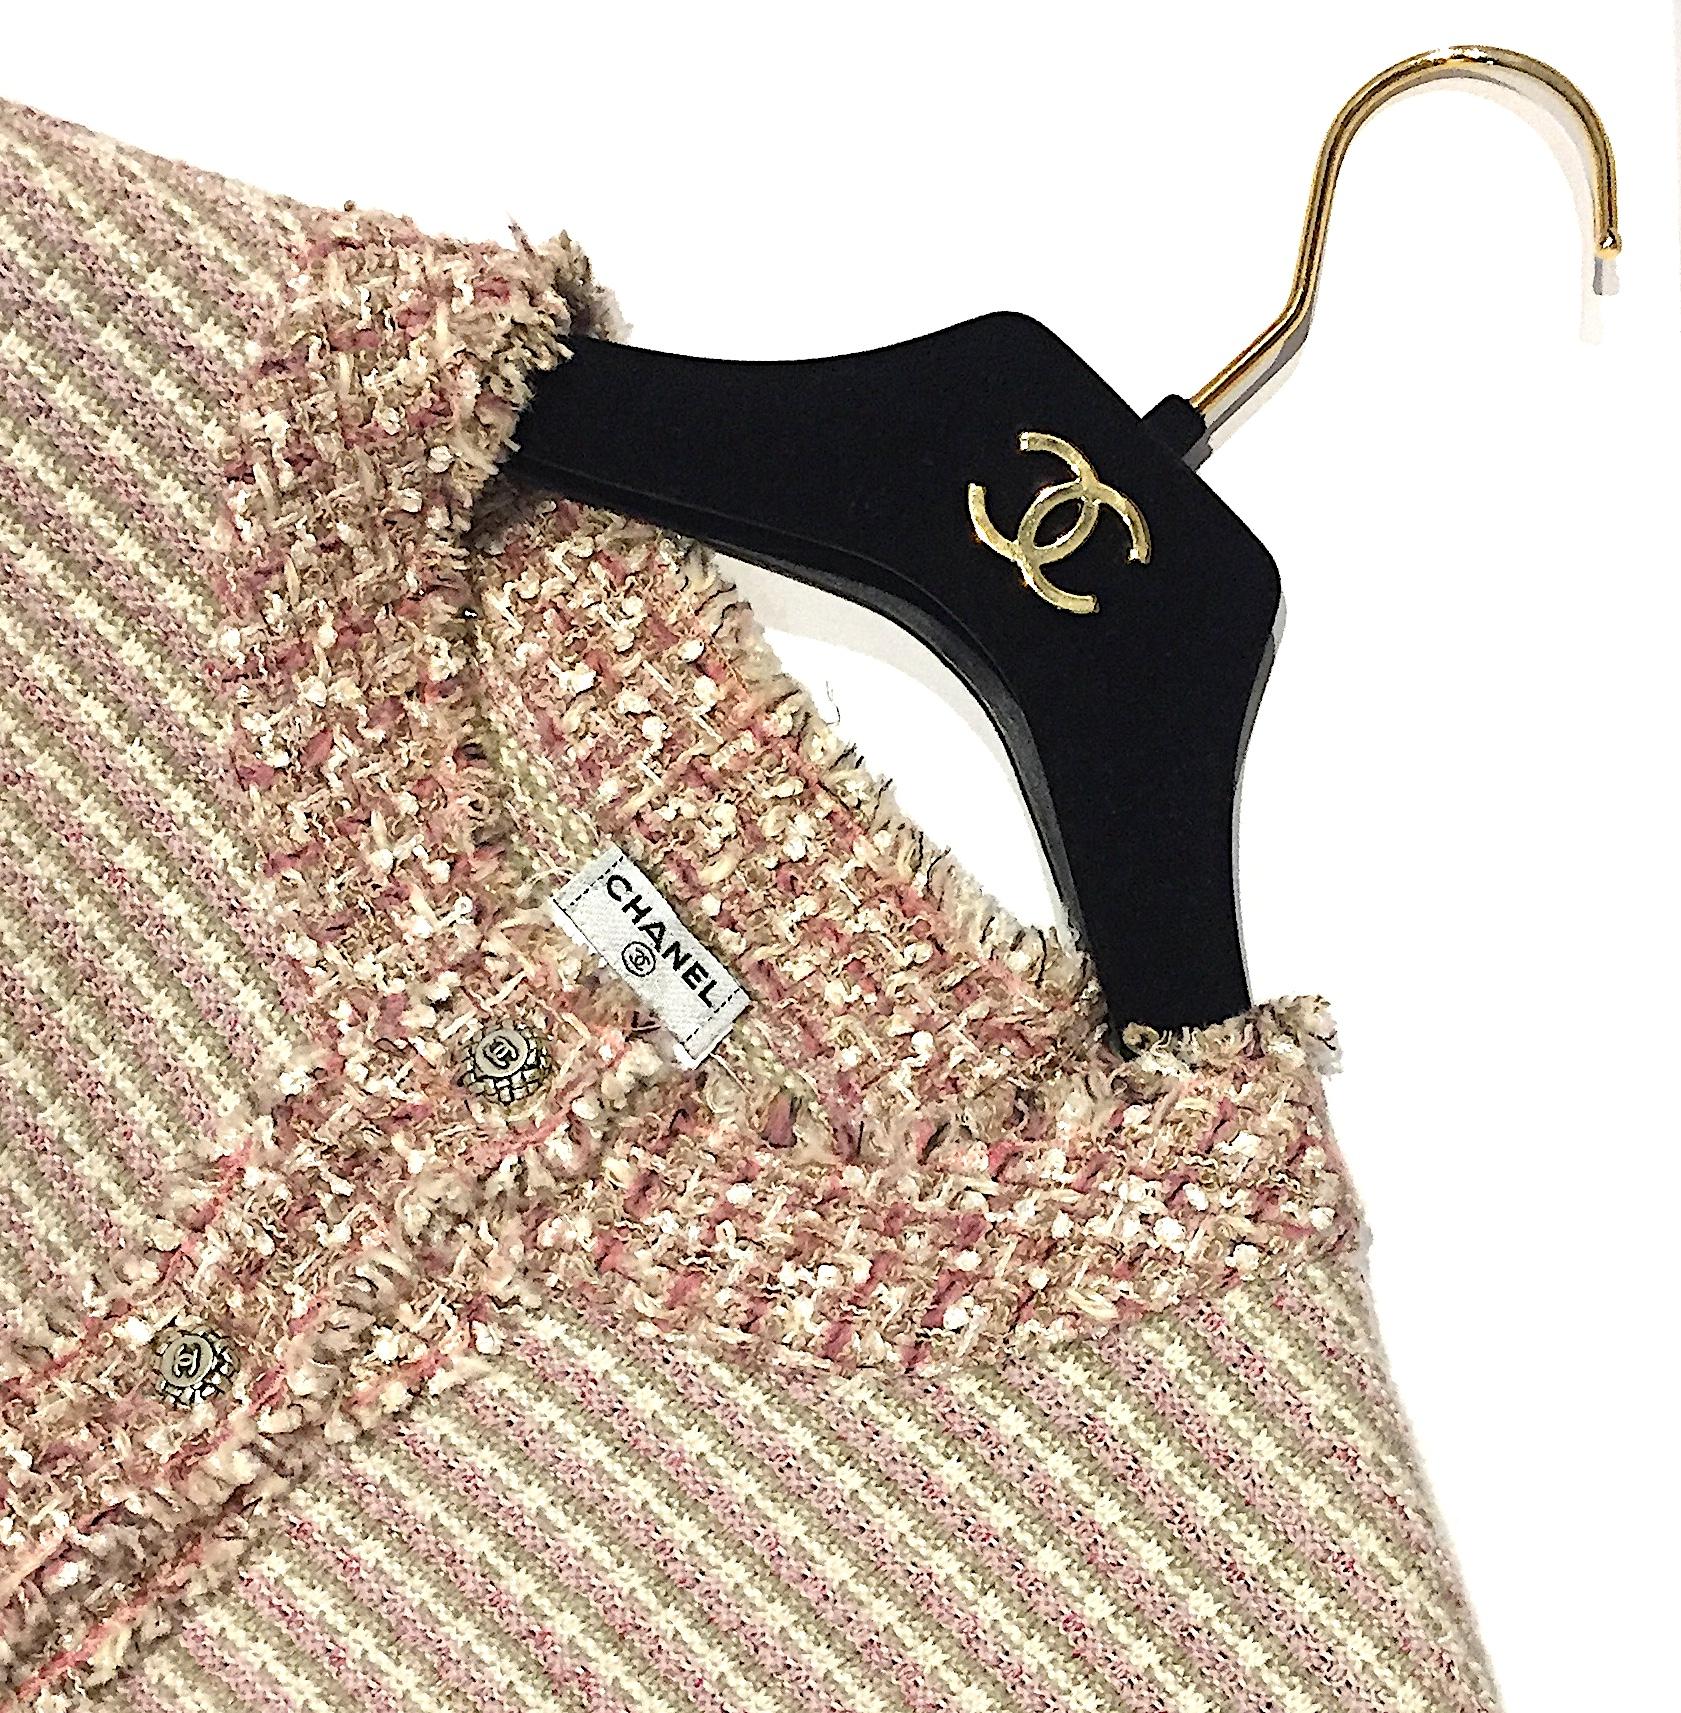 Vente Mode et Accessoires Chanel, Hermès, YSL chez Shine a Lot : 140 lots